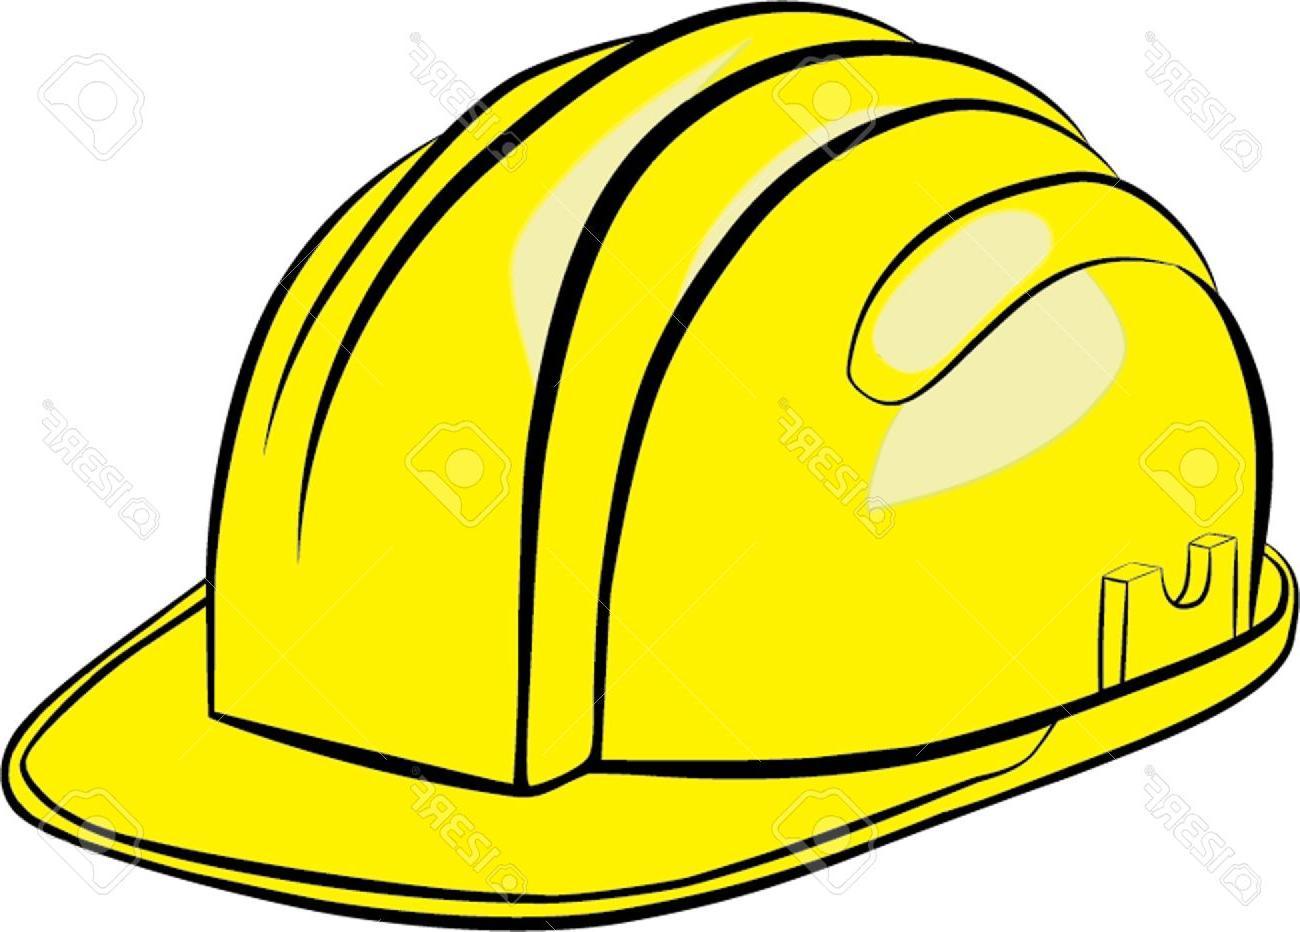 Working helmet clipart